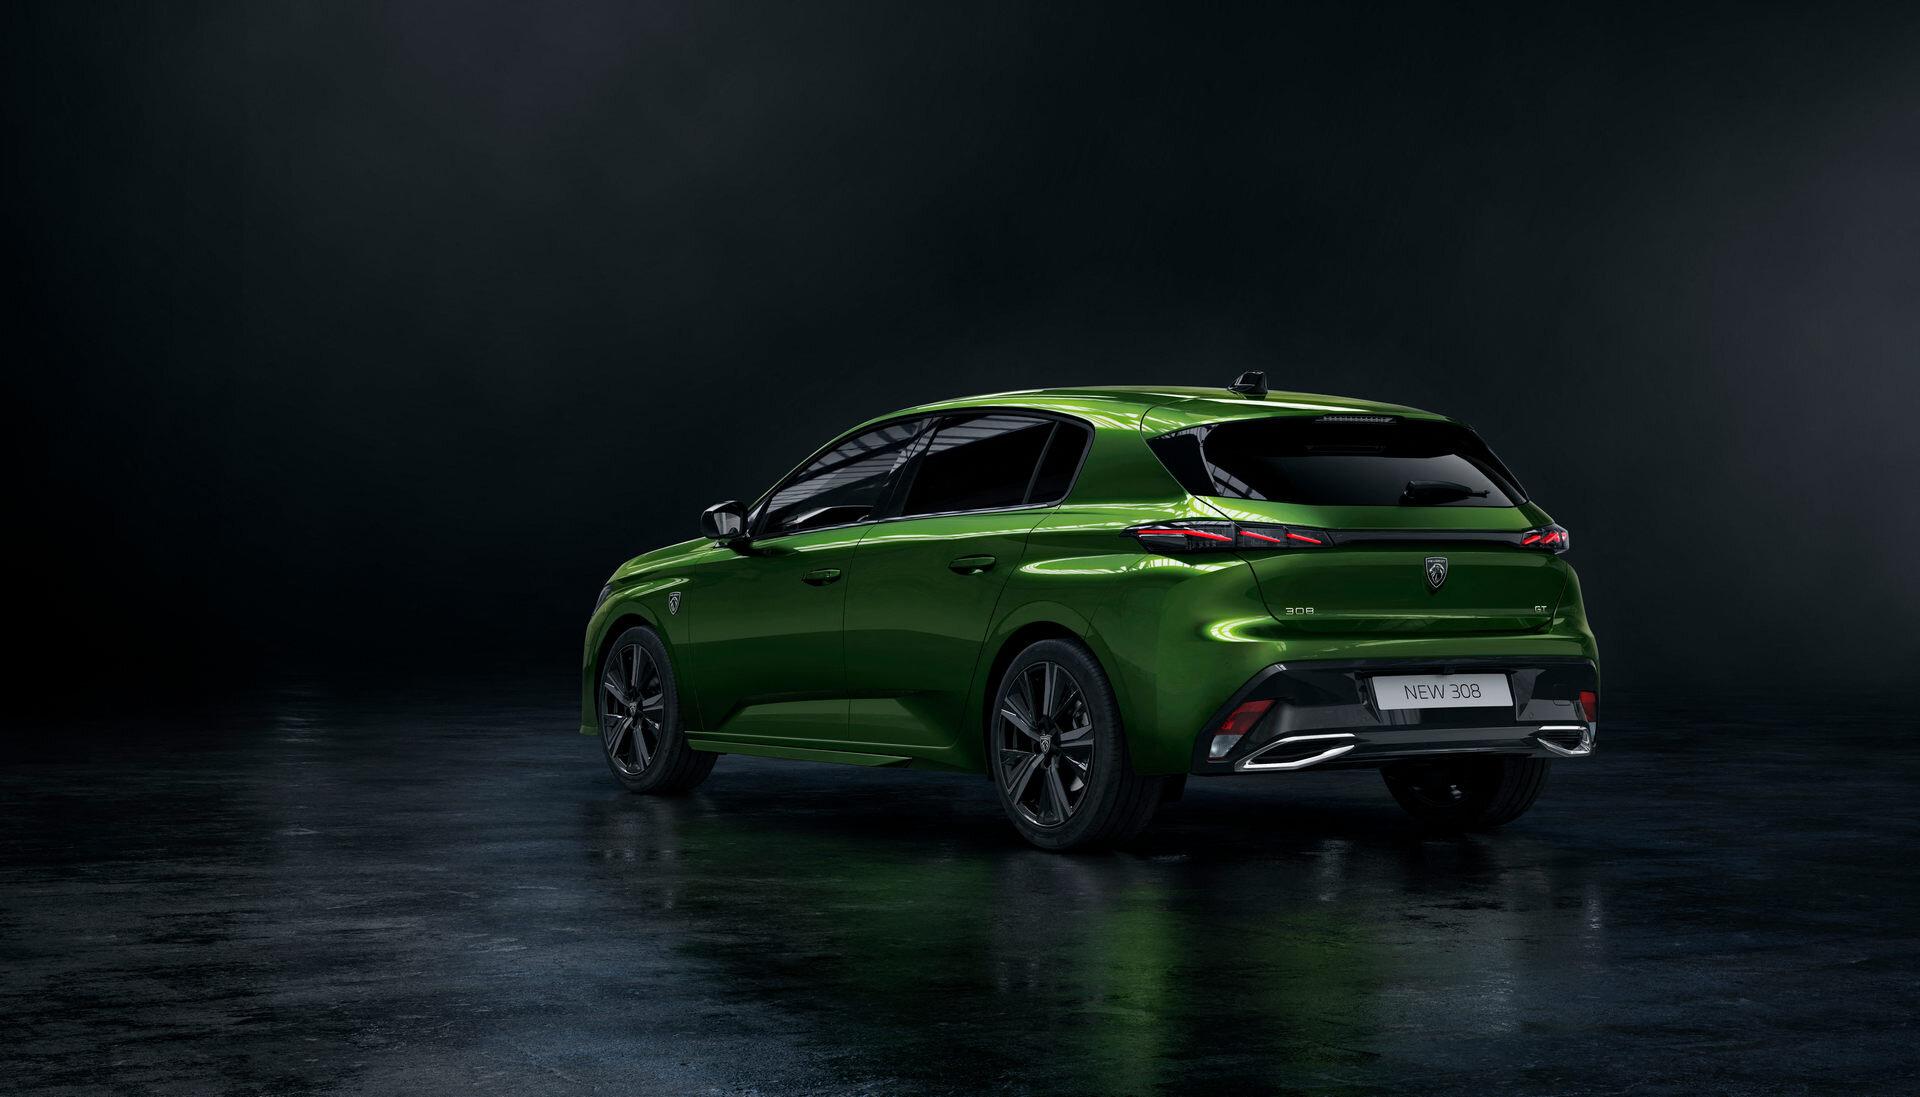 Состоялась мировая премьера нового поколения Peugeot308 4